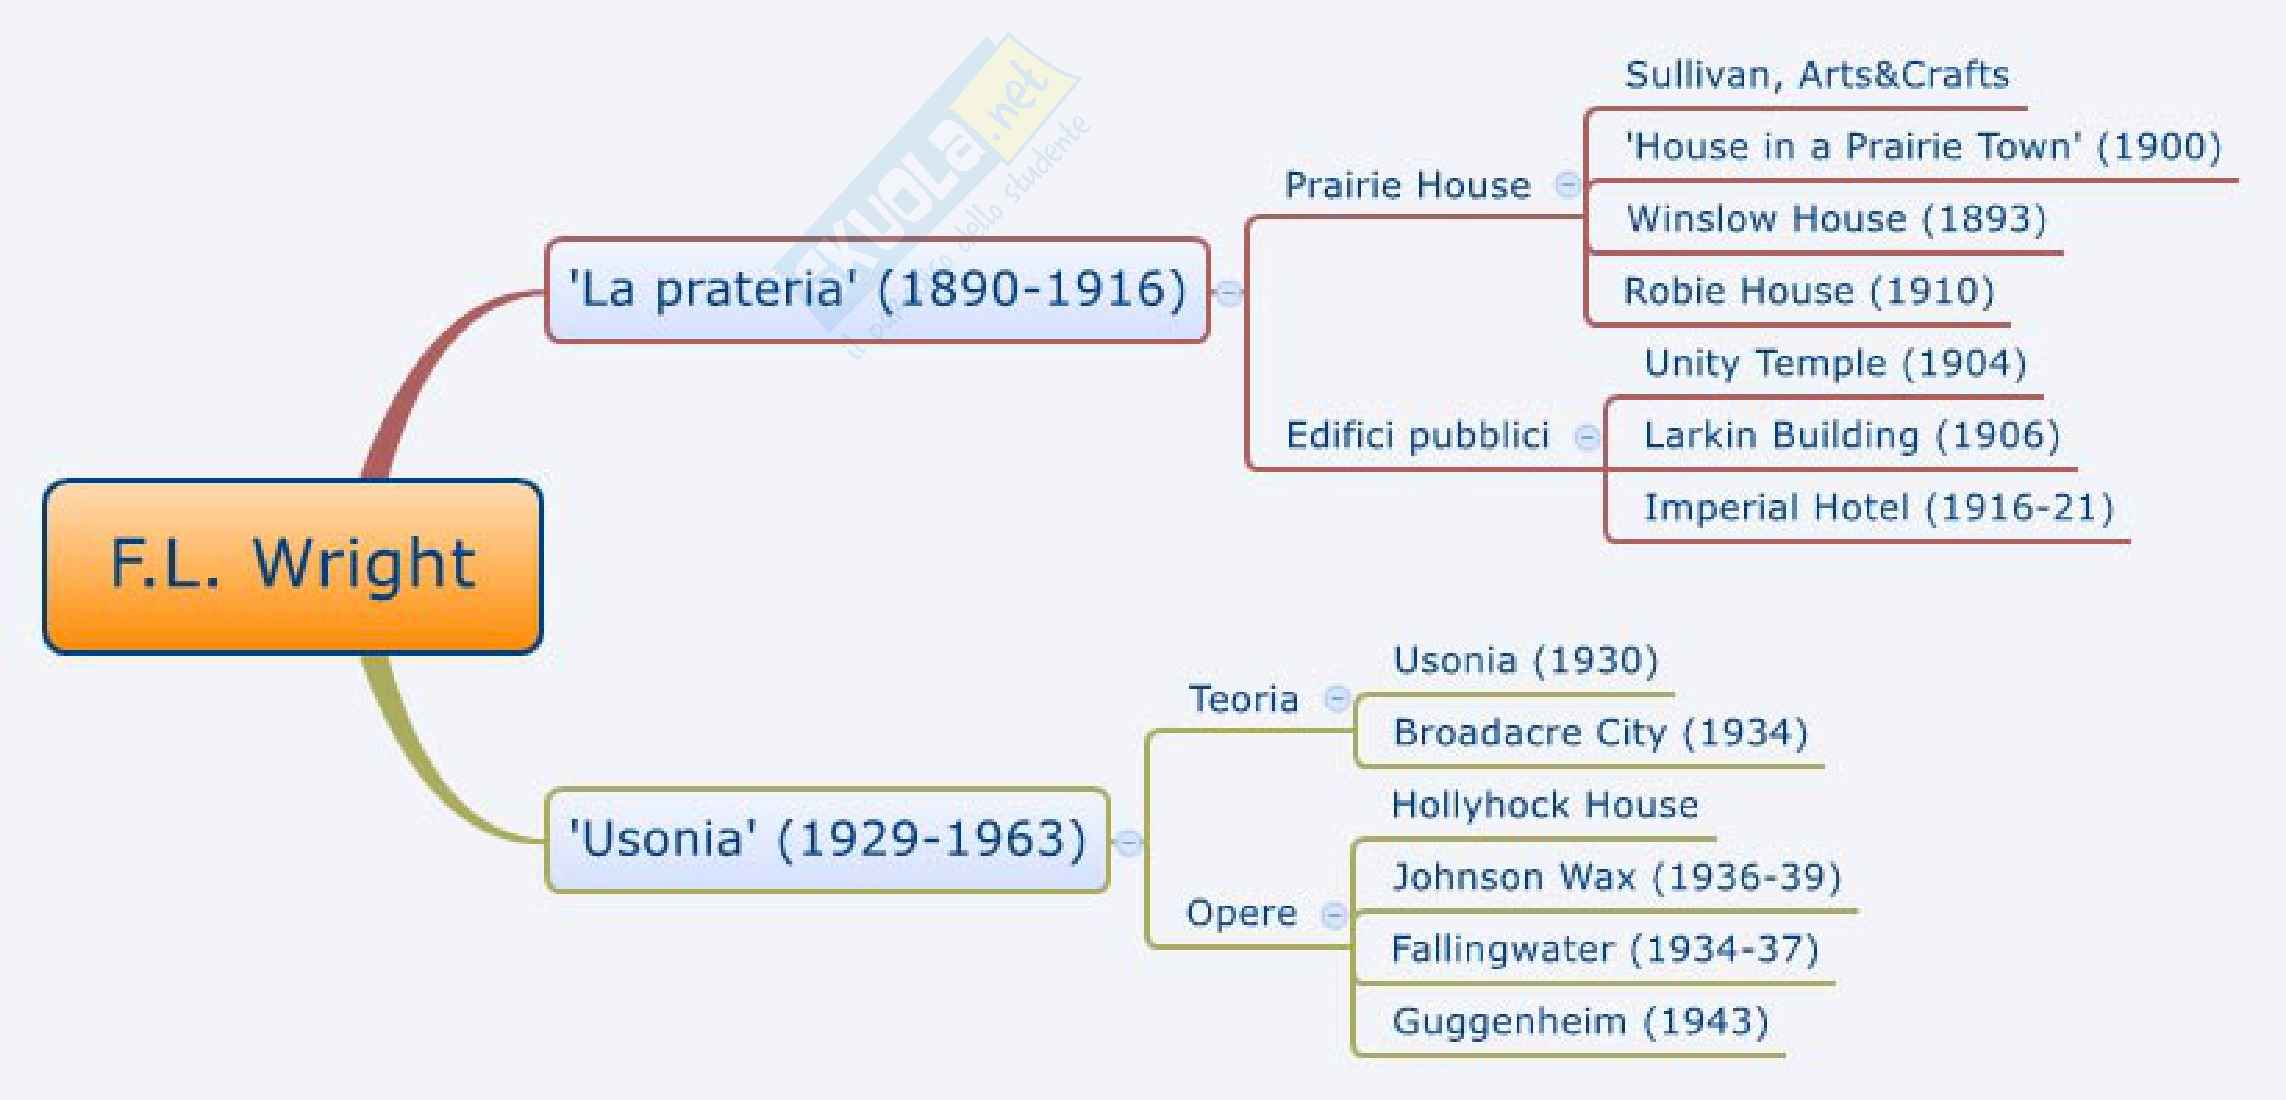 Mappe concettuali, Storia dell'architettura moderna e contemporanea Pag. 11